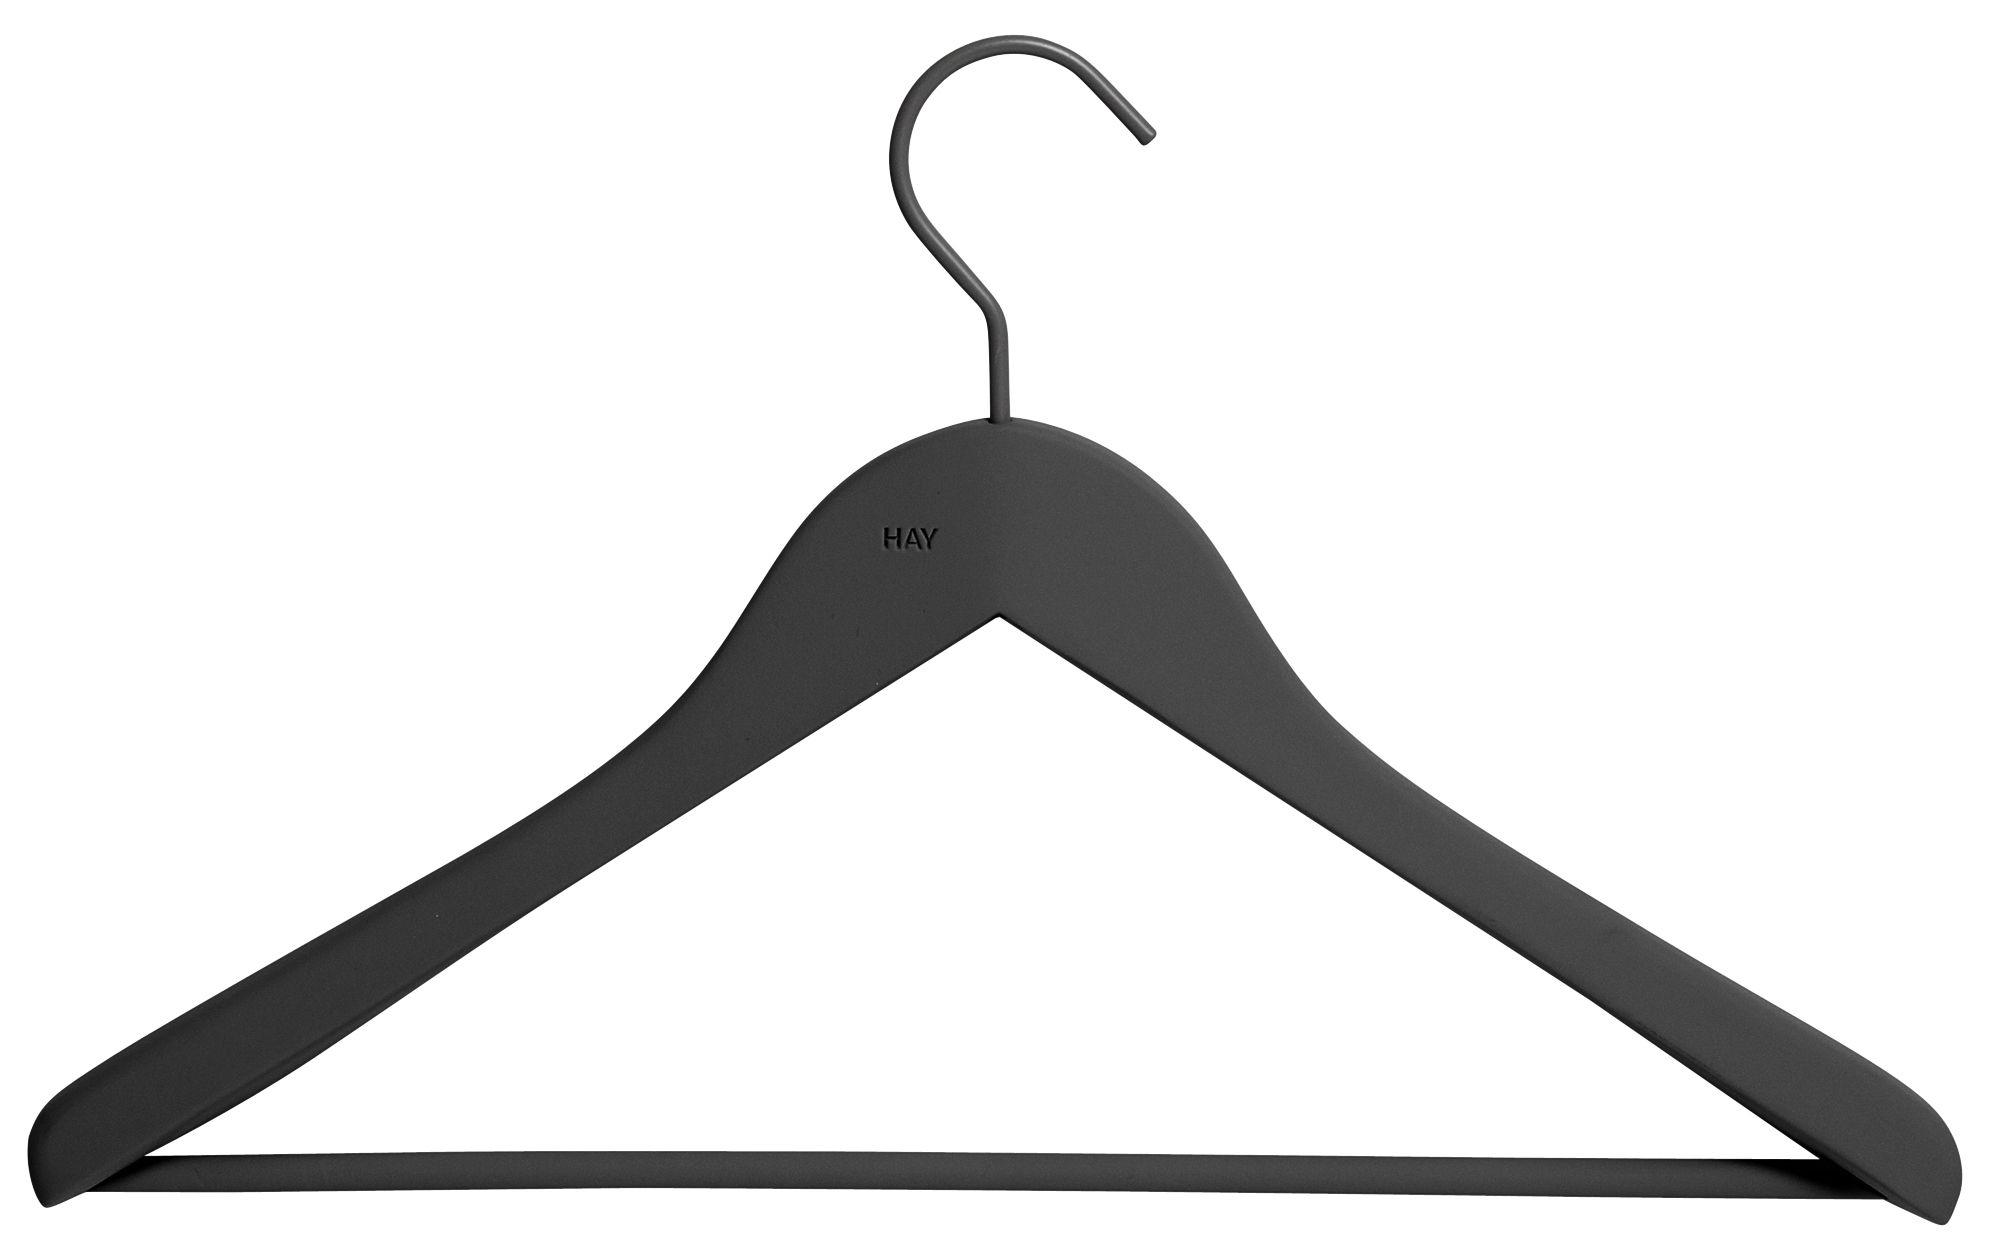 Decoration - Coat Stands & Hooks - Soft Coat Large Hanger - Set of 4 by Hay - Black - Rubber, Wood